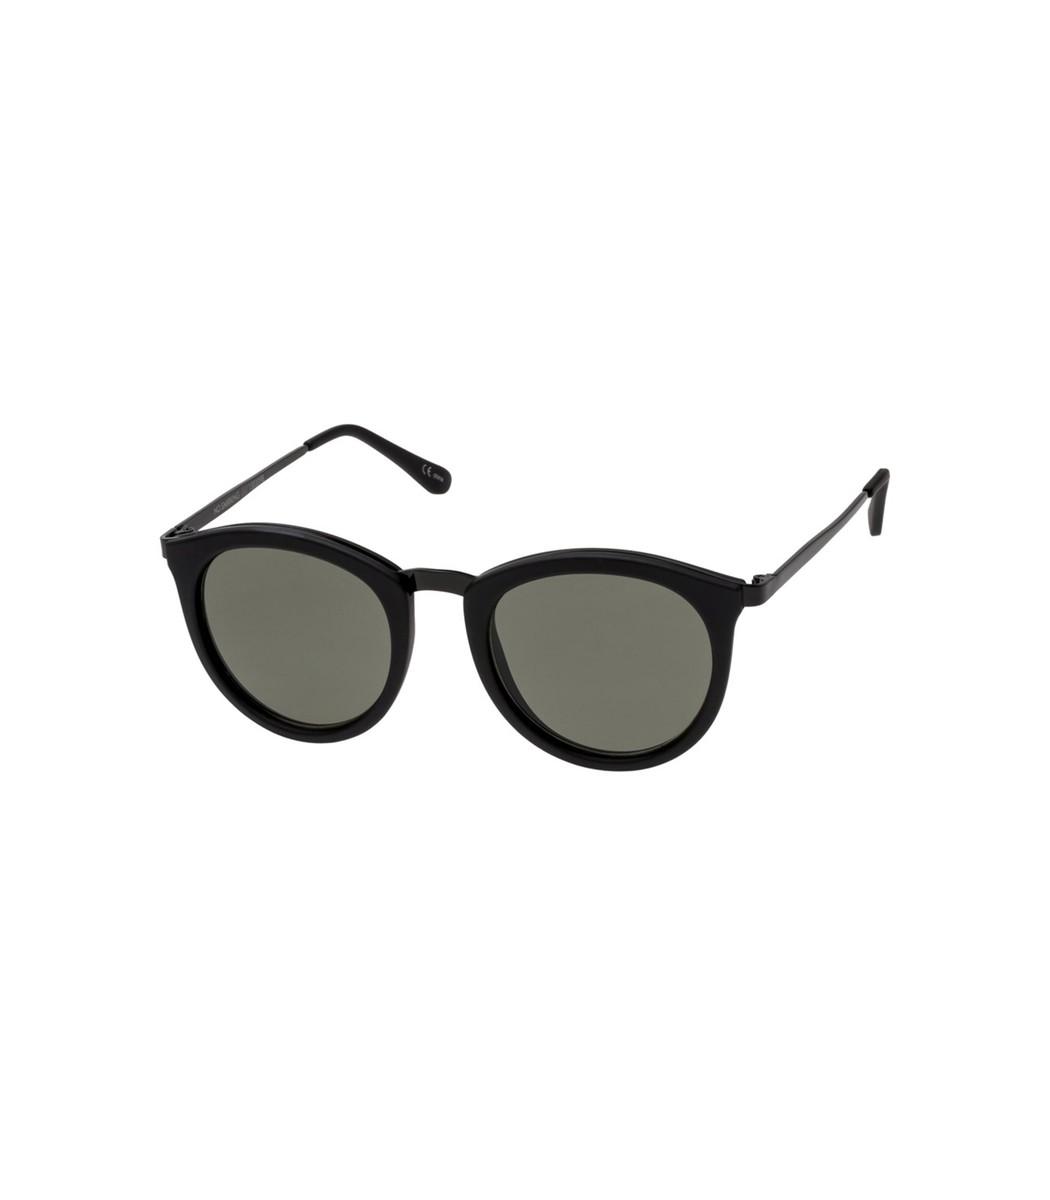 LE SPECS No Smirking Sunglasses in Black Rubber